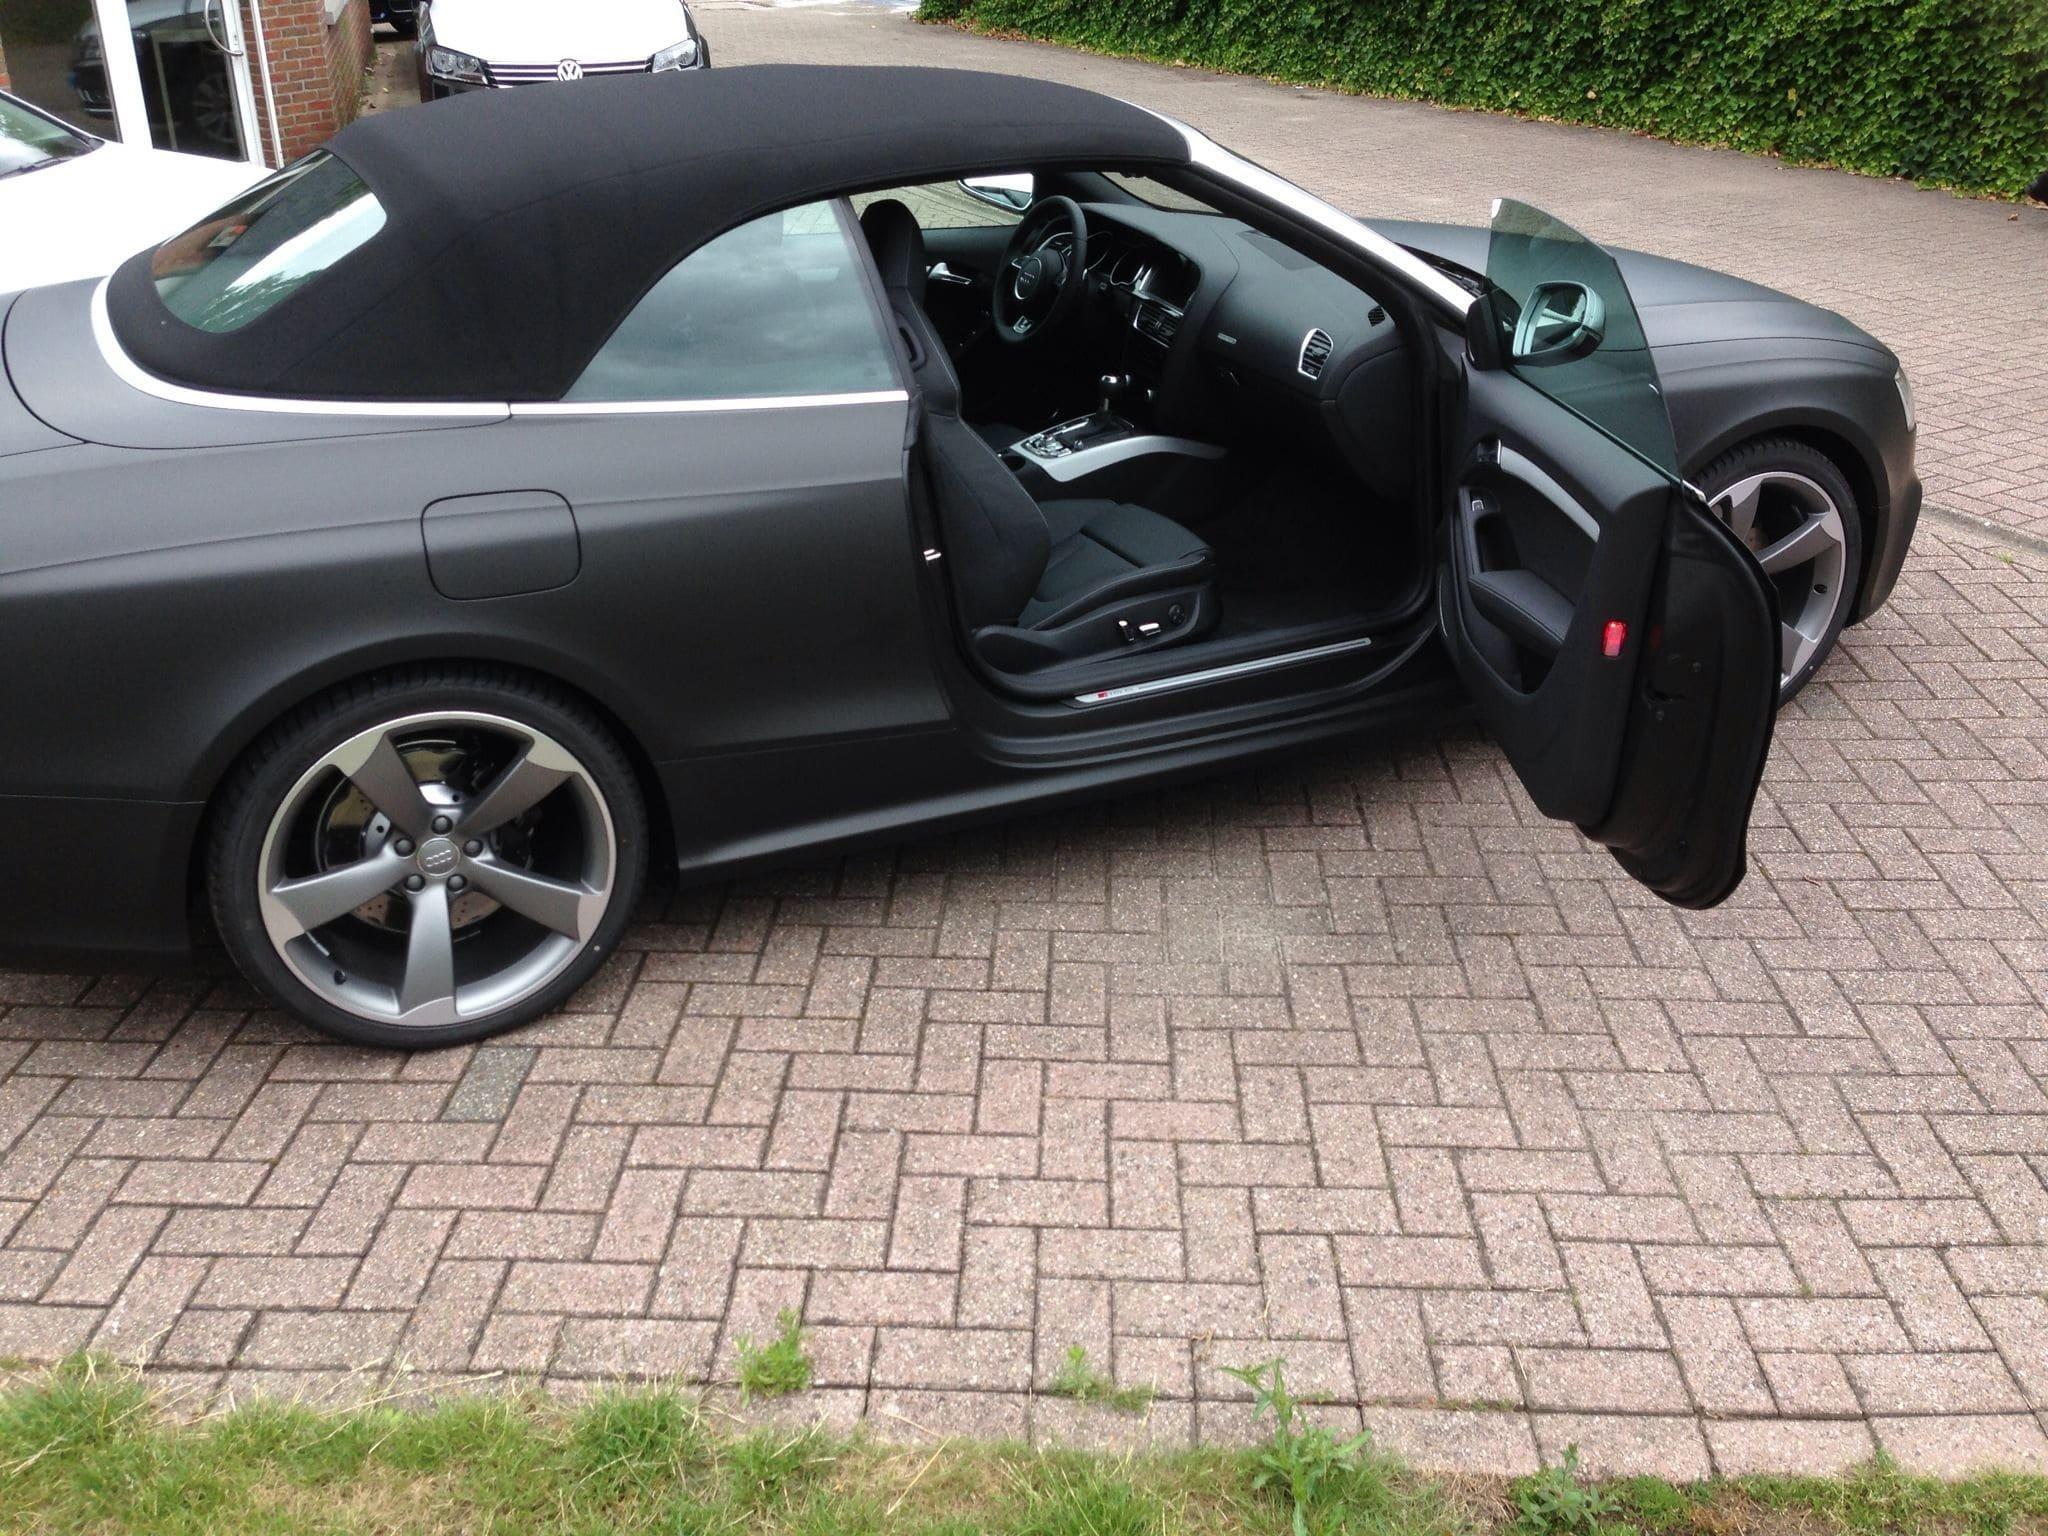 Audi RS5 Cabrio met Mat Zwarte Wrap, Carwrapping door Wrapmyride.nu Foto-nr:5067, ©2021